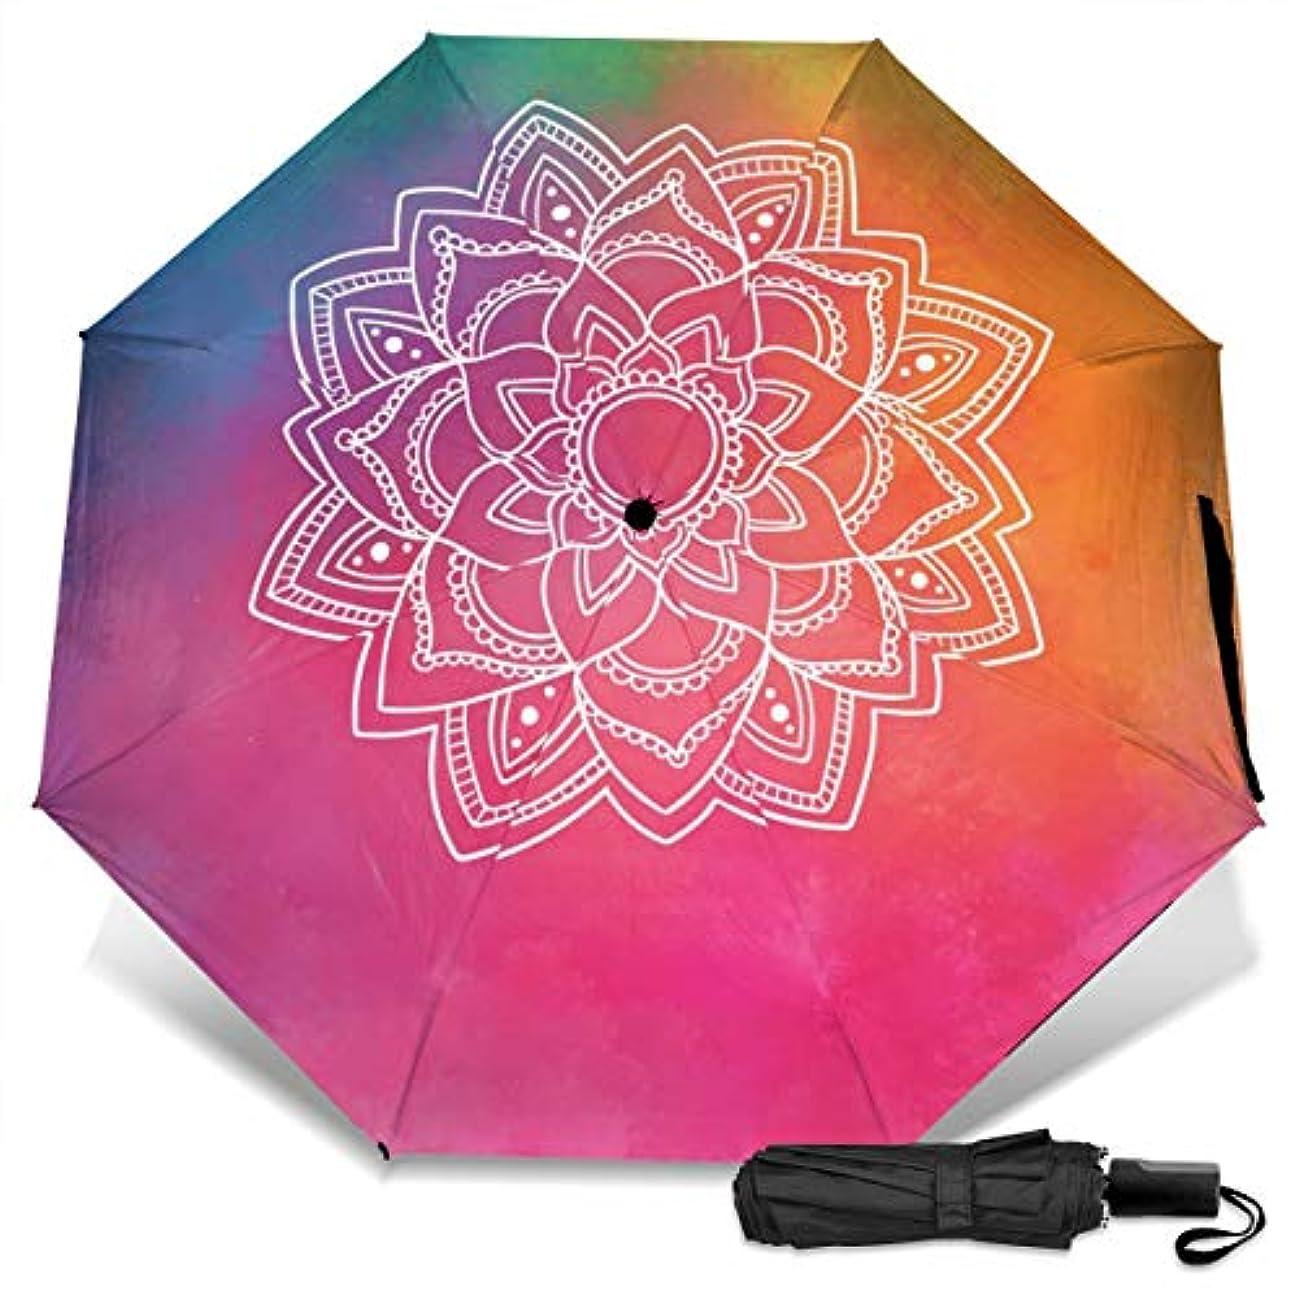 洋服エール勤勉暗闇の中でスイカ日傘 折りたたみ日傘 折り畳み日傘 超軽量 遮光率100% UVカット率99.9% UPF50+ 紫外線対策 遮熱効果 晴雨兼用 携帯便利 耐風撥水 手動 男女兼用